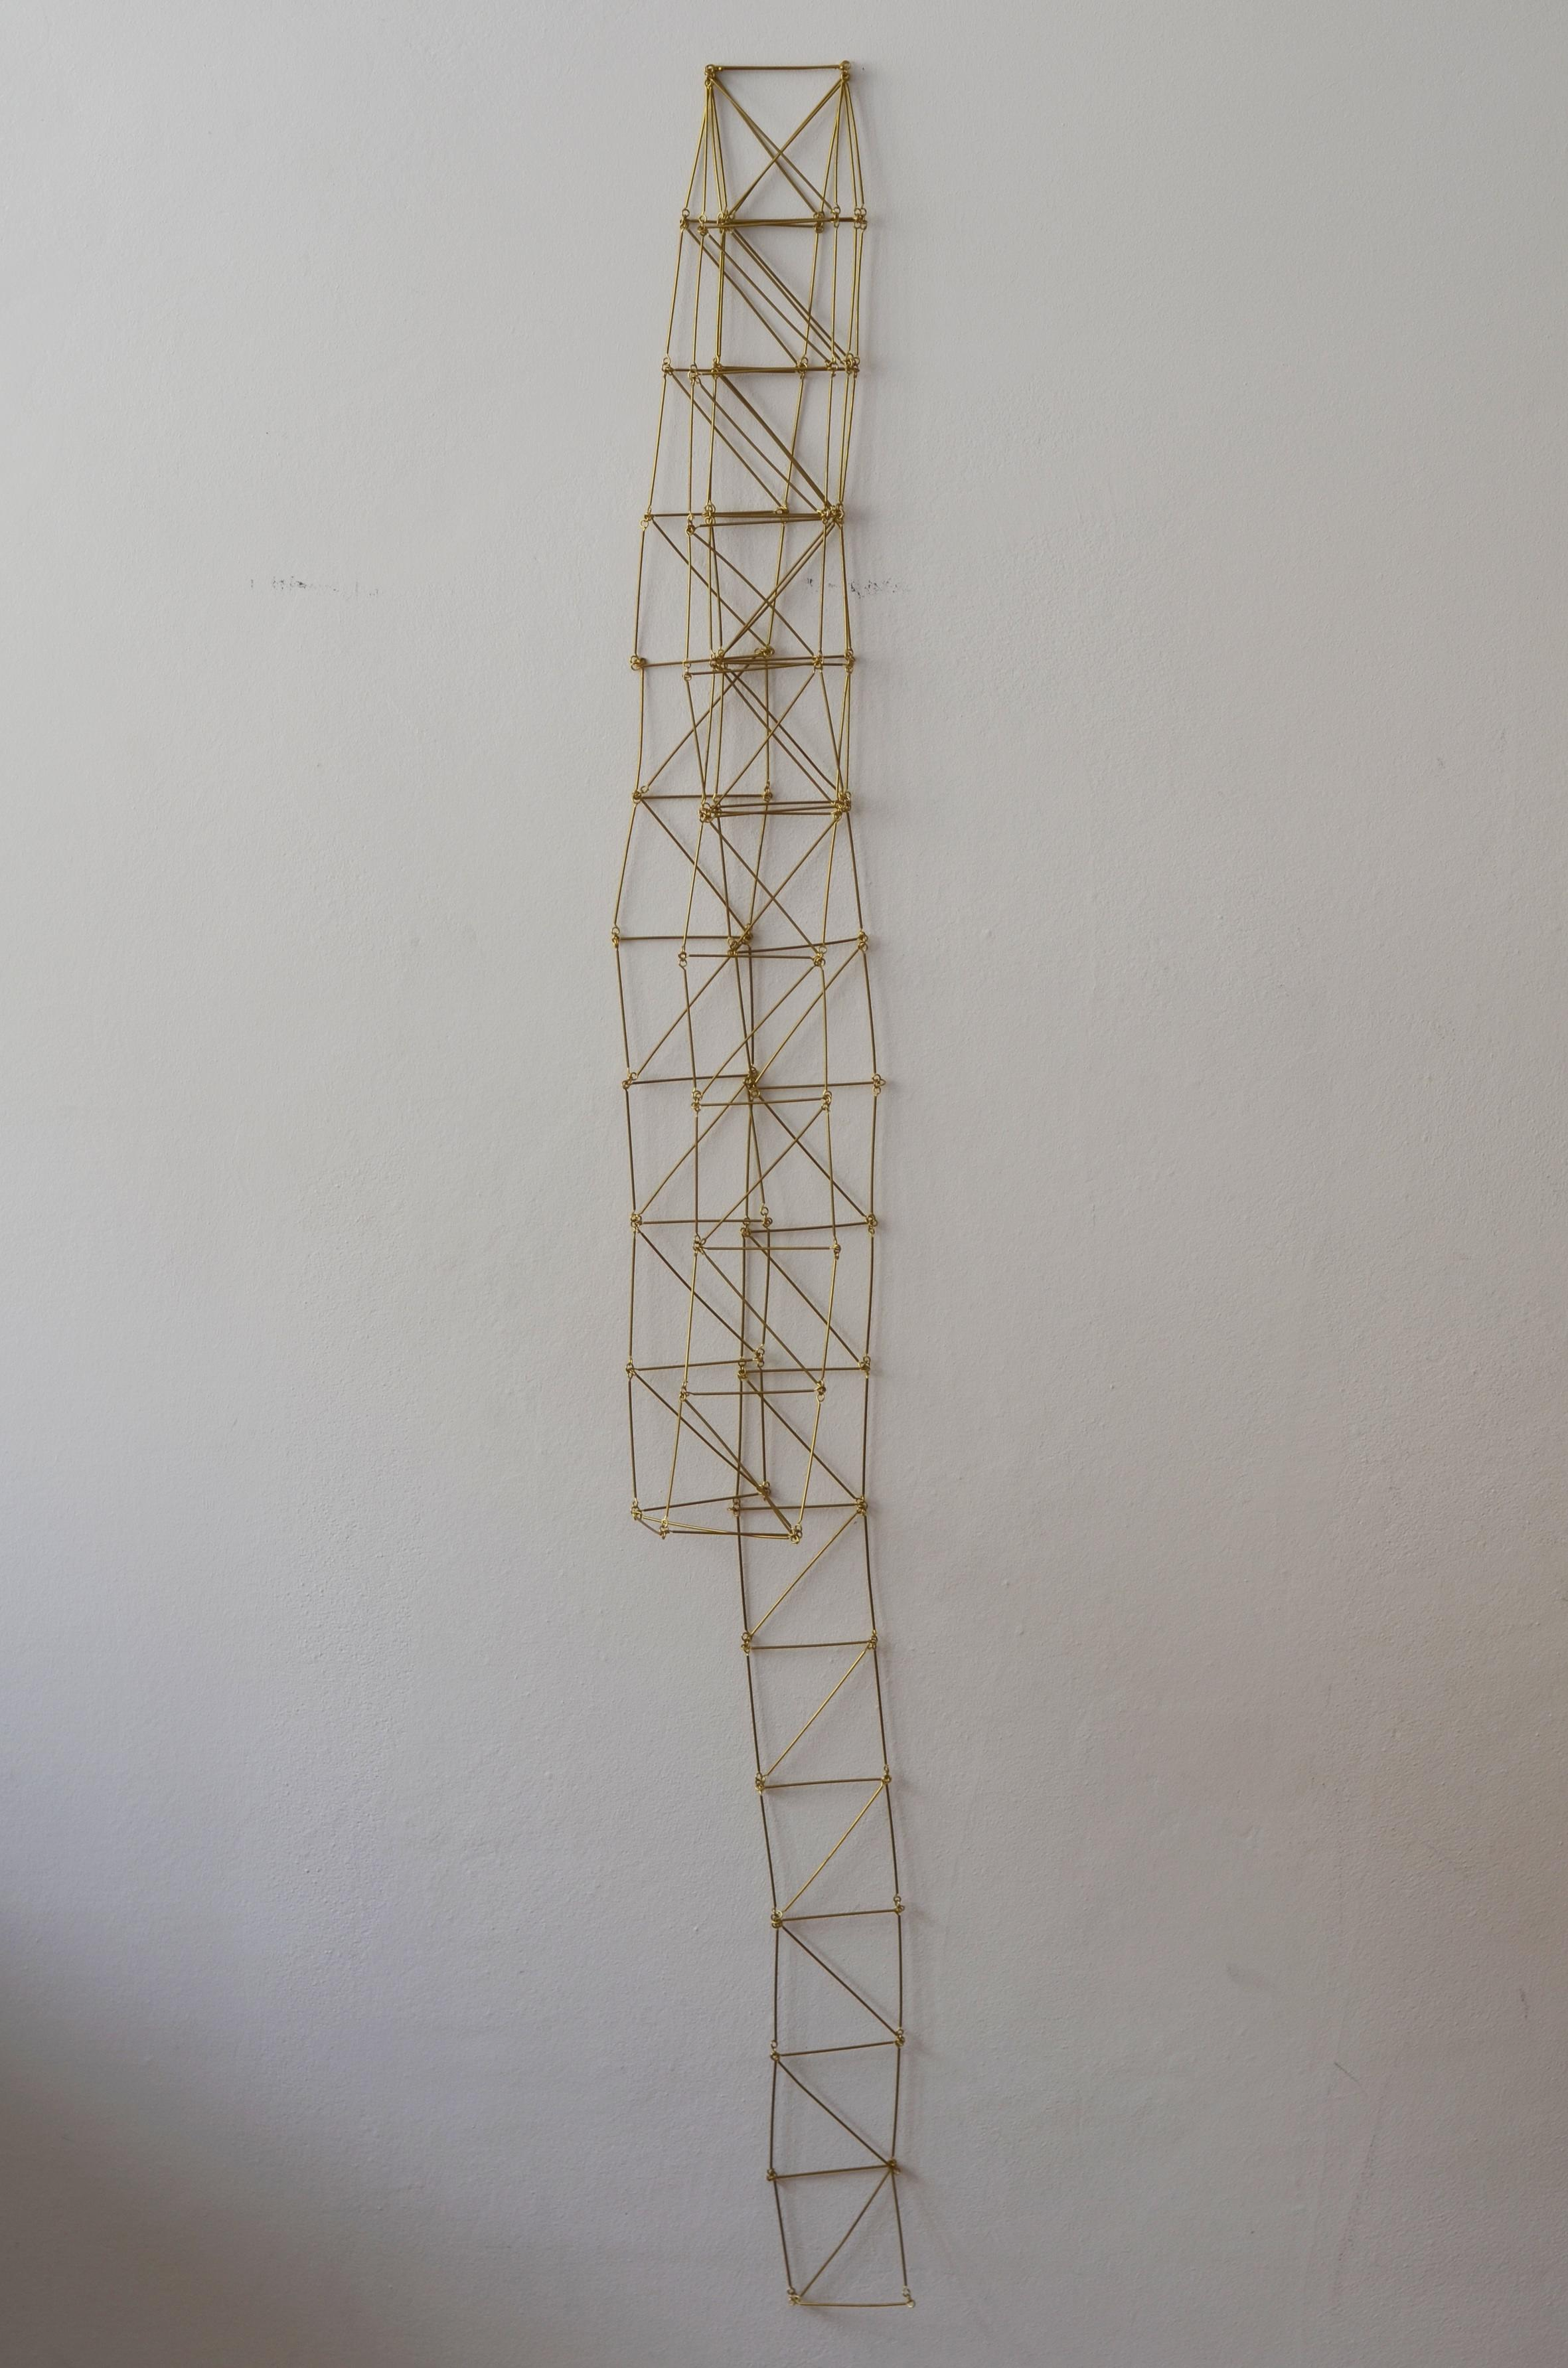 wireSculpture.jpg